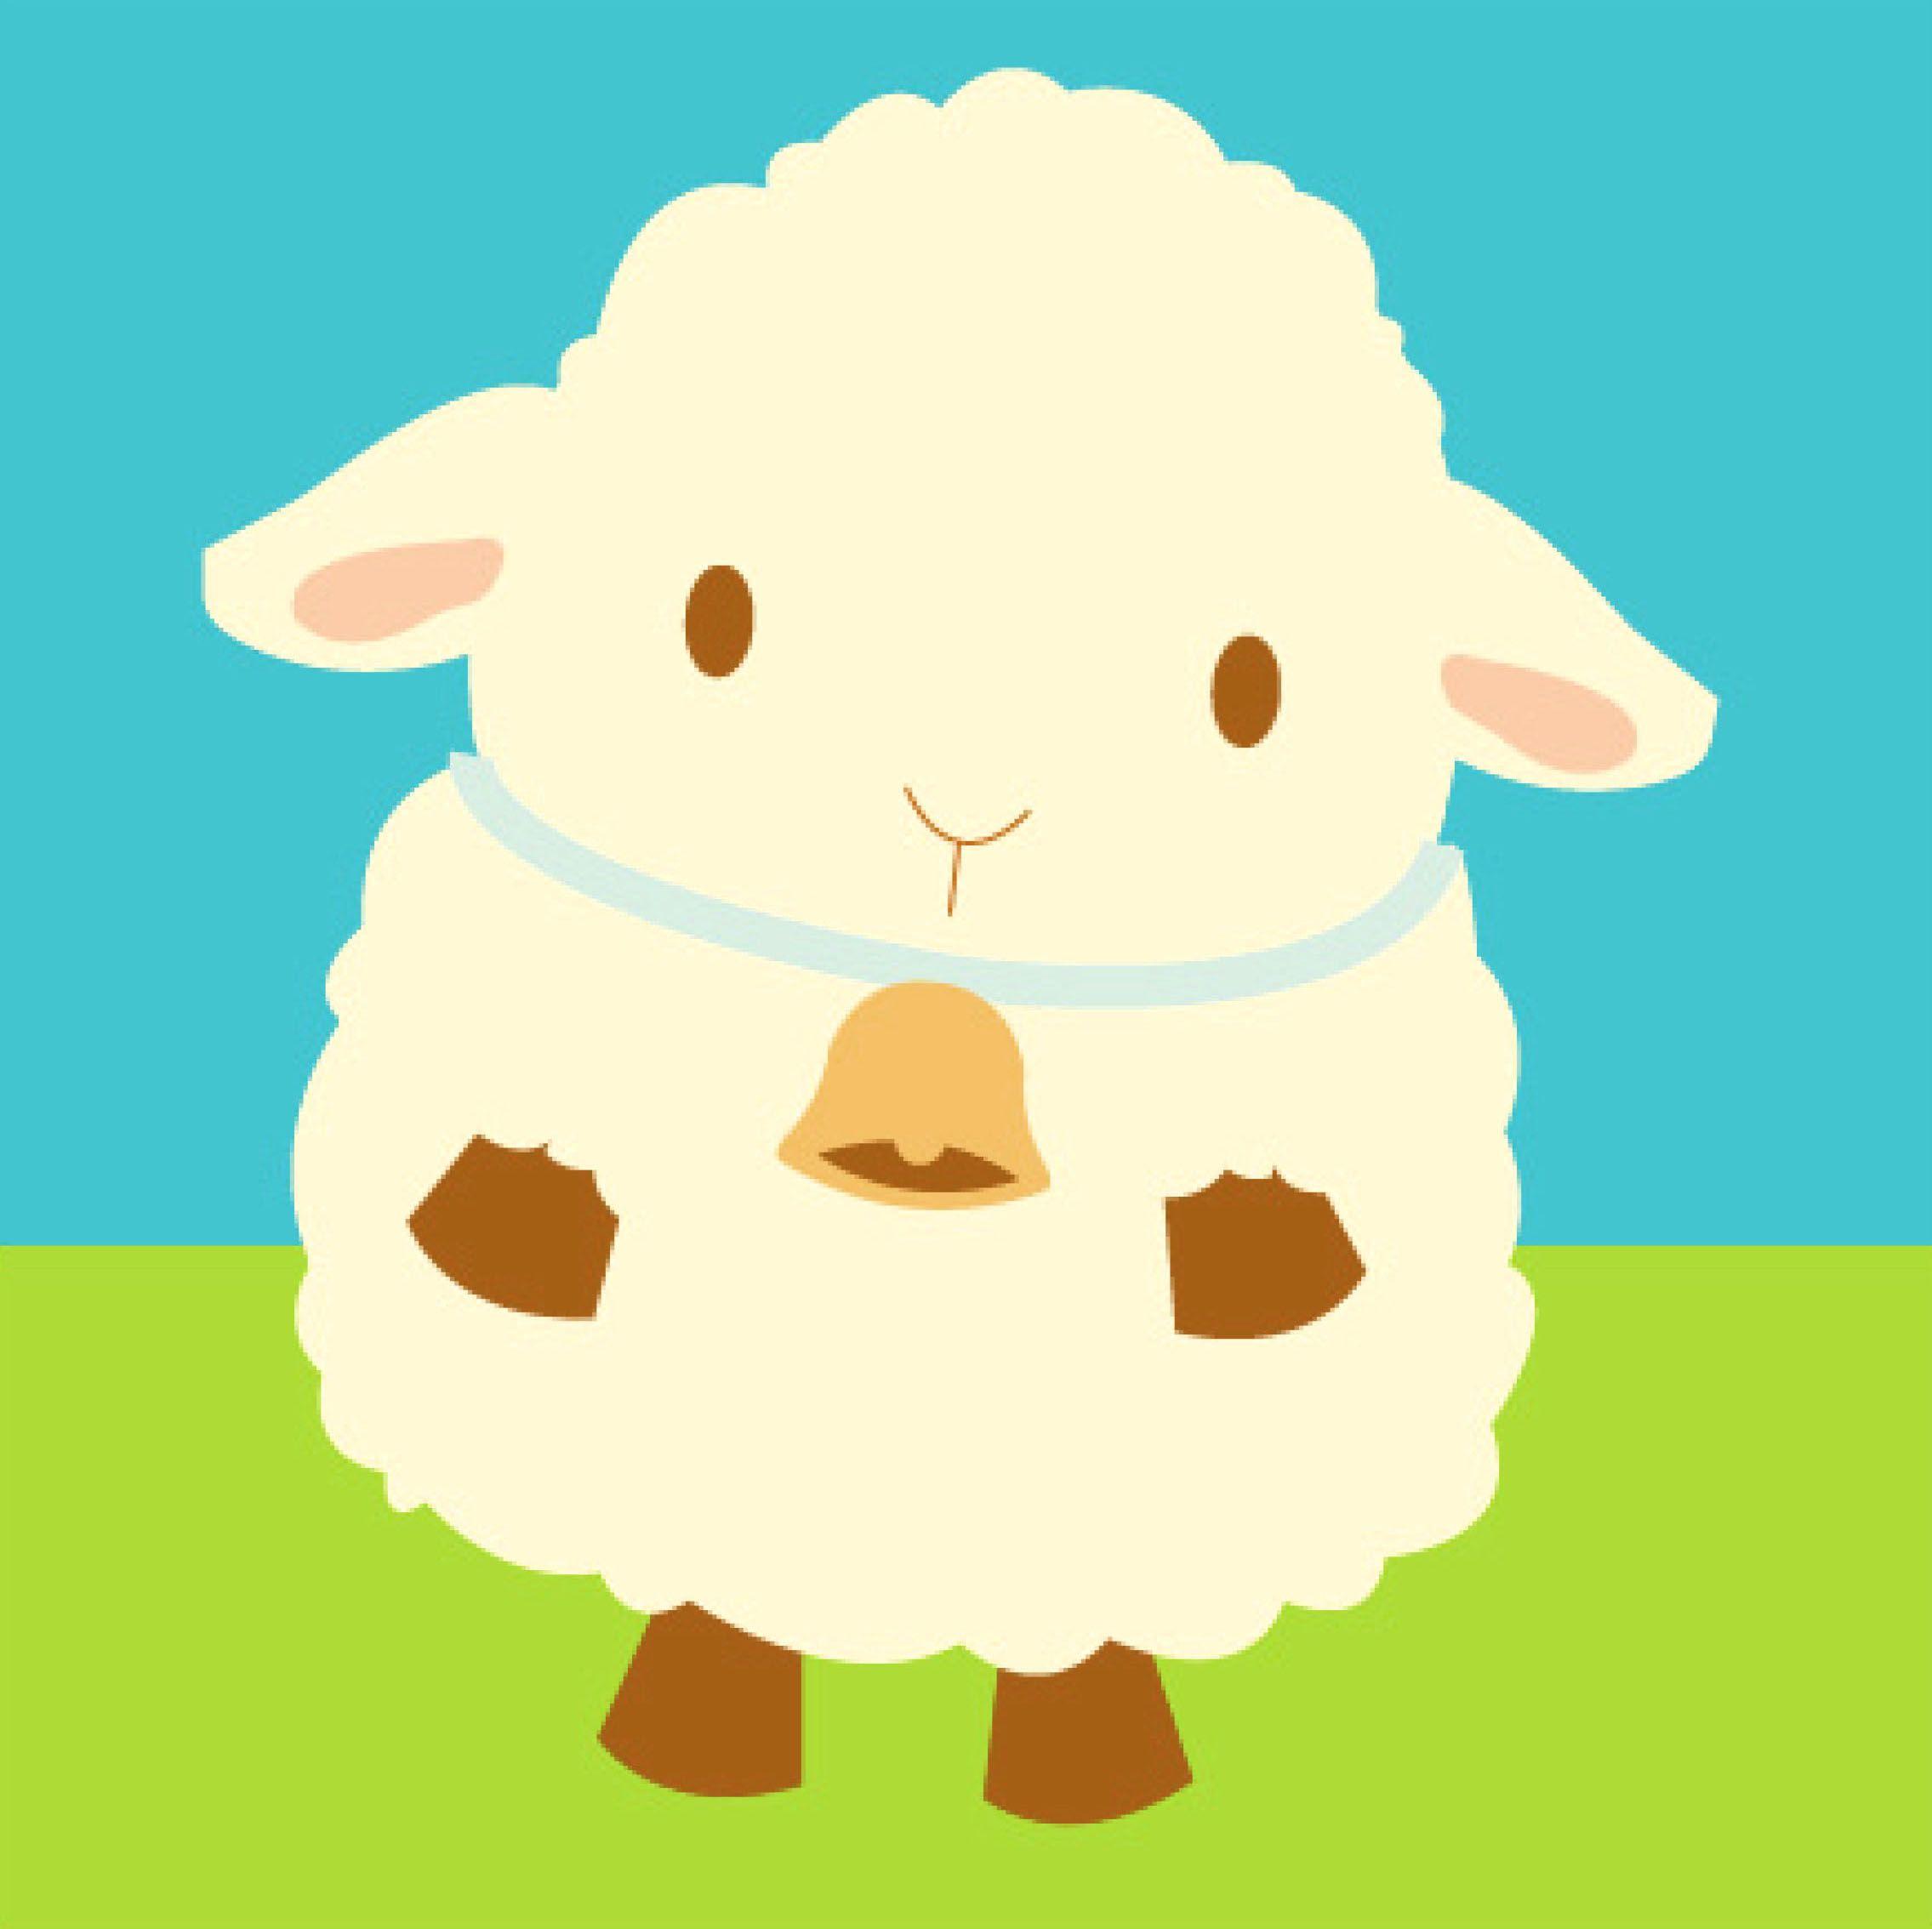 images for u003e lamb images clip art lambs pinterest clip art rh pinterest com lamb clip art free lamb clipart for free